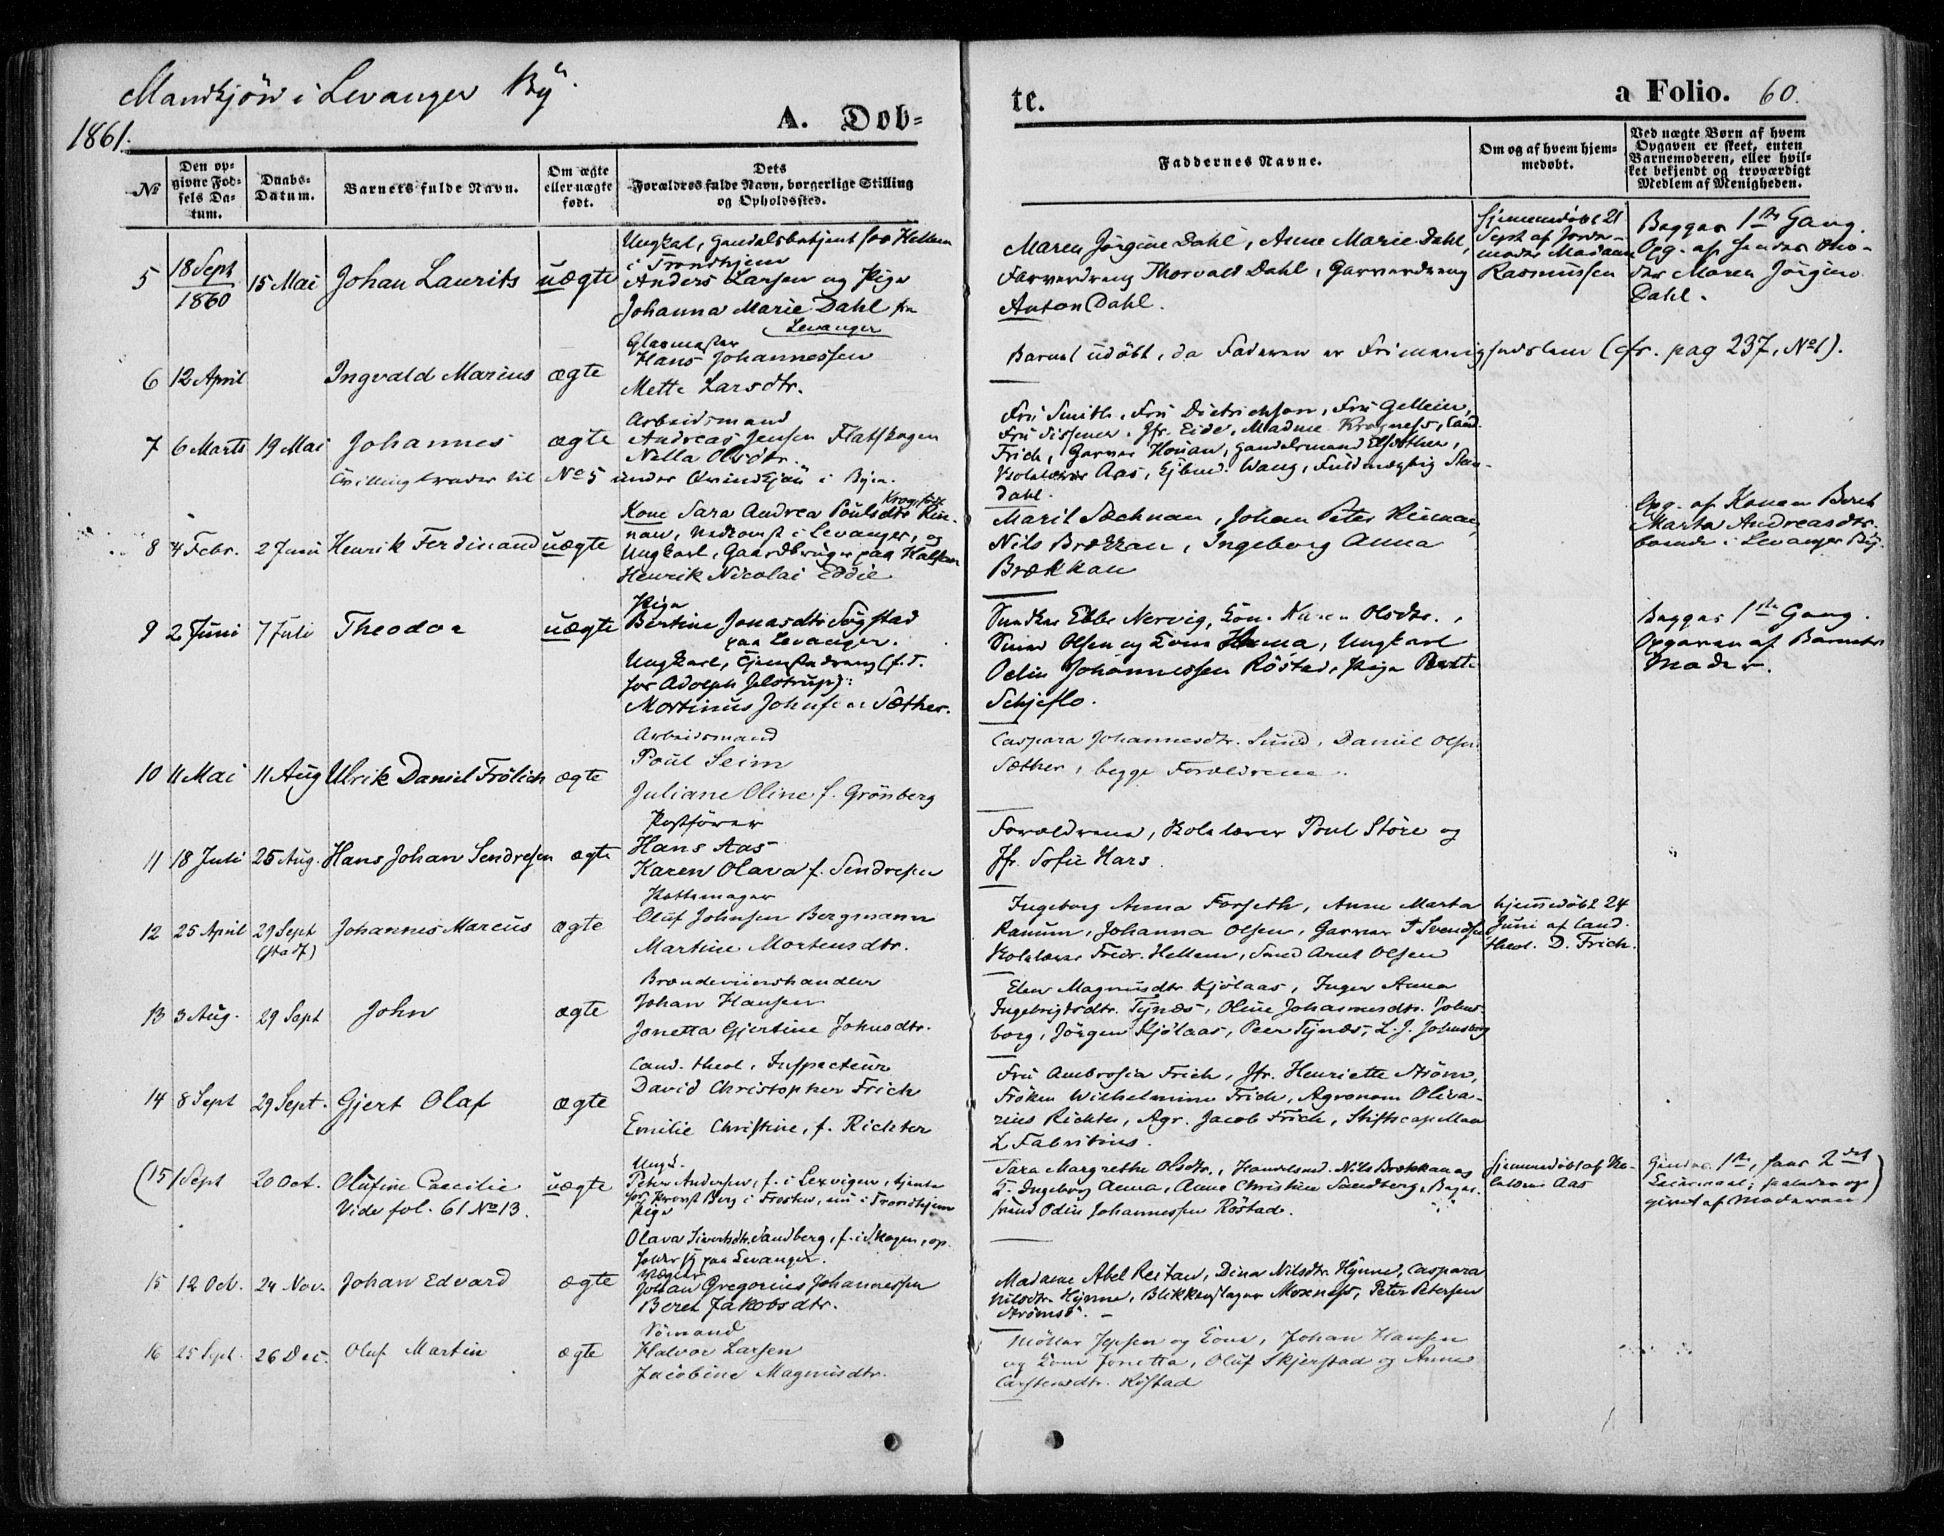 SAT, Ministerialprotokoller, klokkerbøker og fødselsregistre - Nord-Trøndelag, 720/L0184: Ministerialbok nr. 720A02 /1, 1855-1863, s. 60